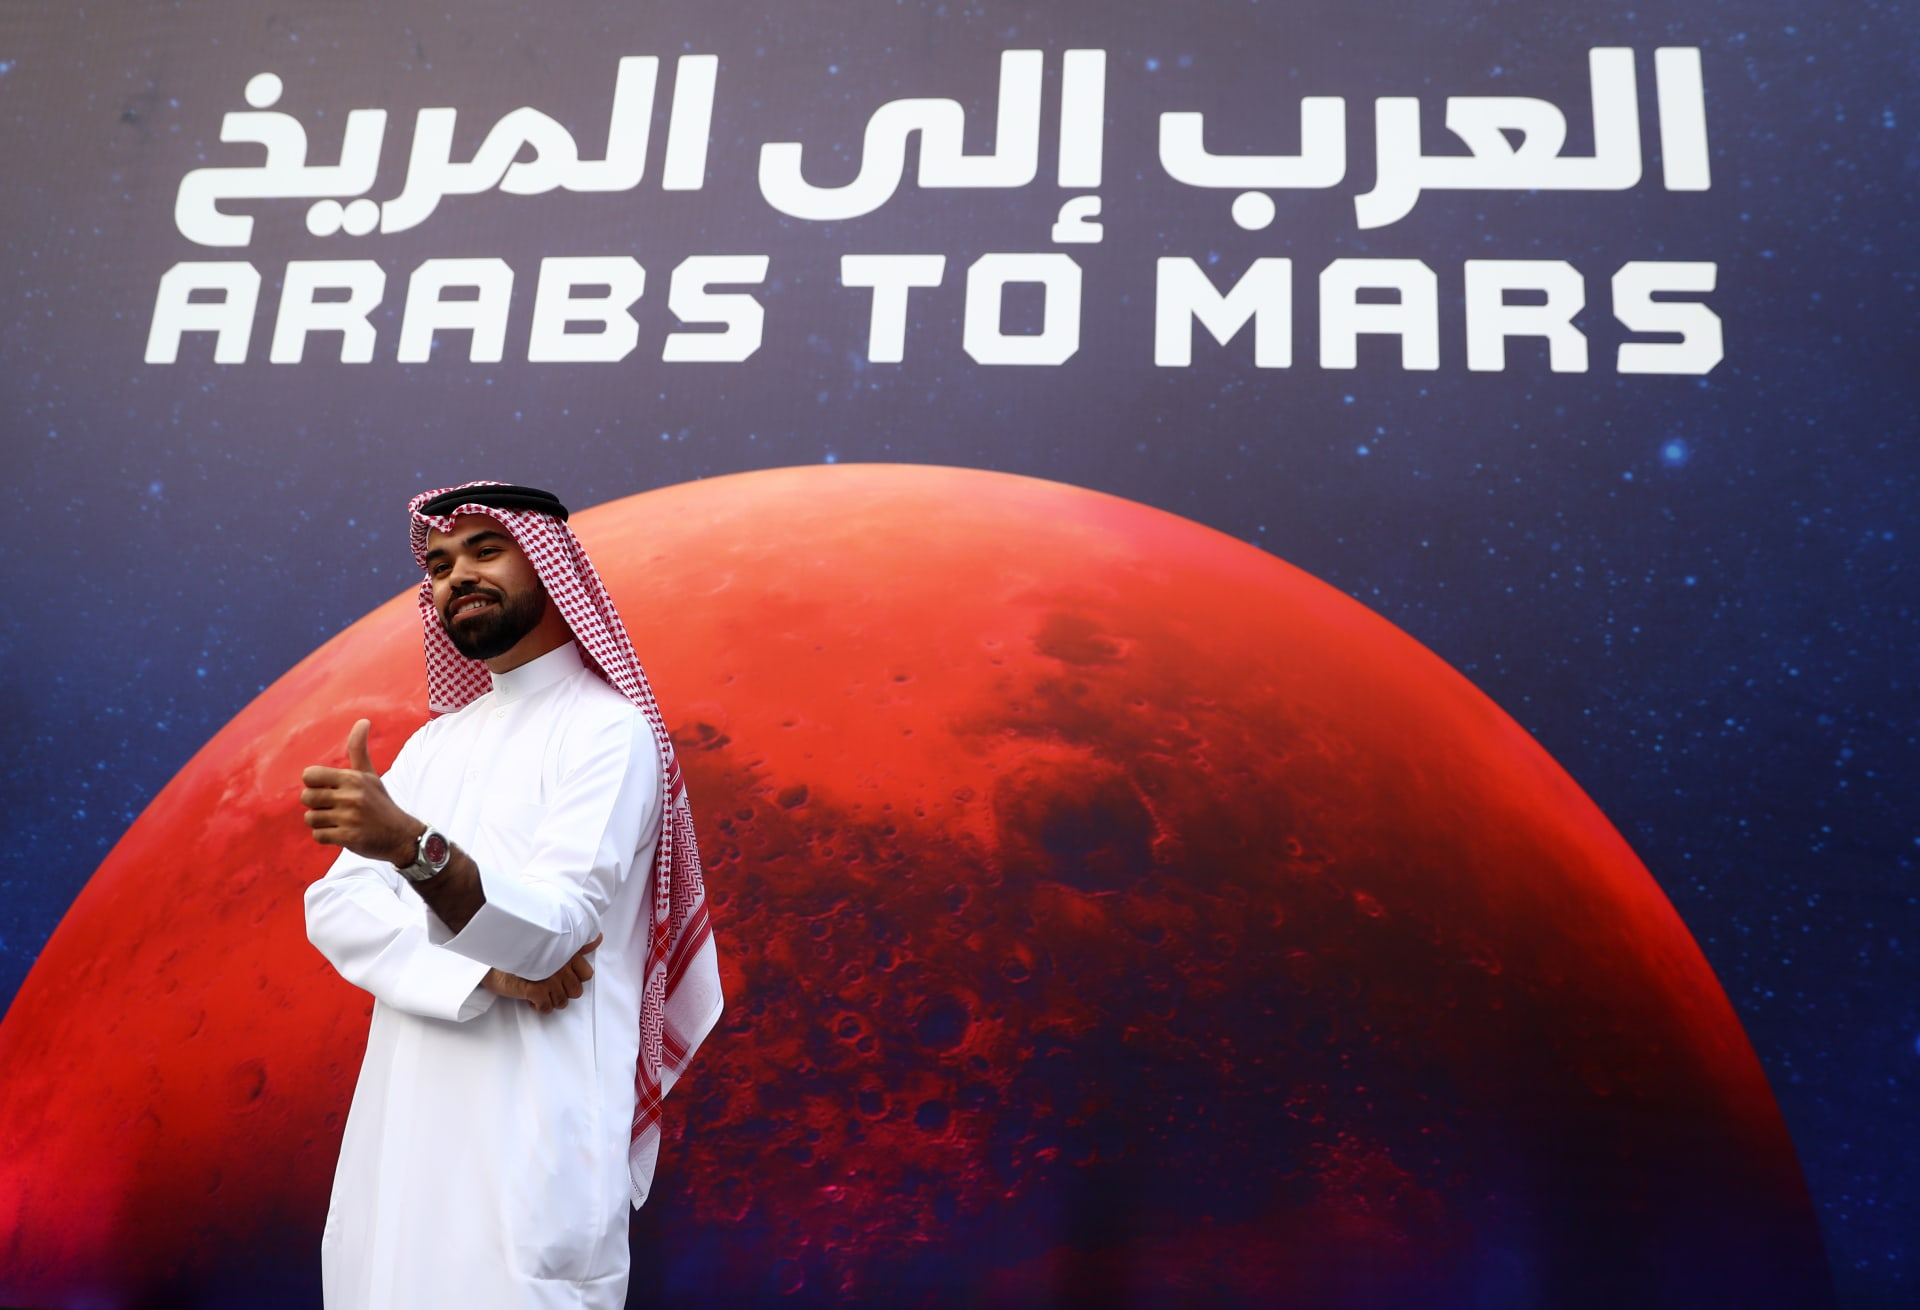 العرب إلى المريخ - دبي